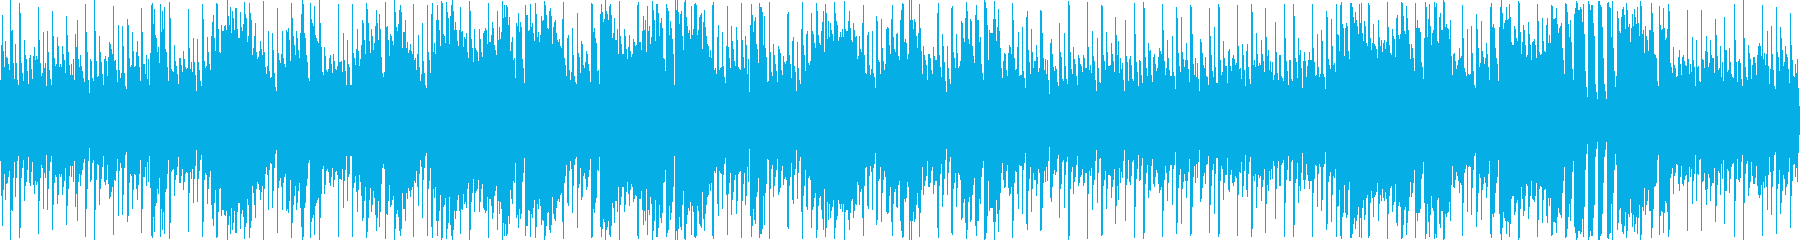 明るくて陽気なポップなラテン楽曲の再生済みの波形